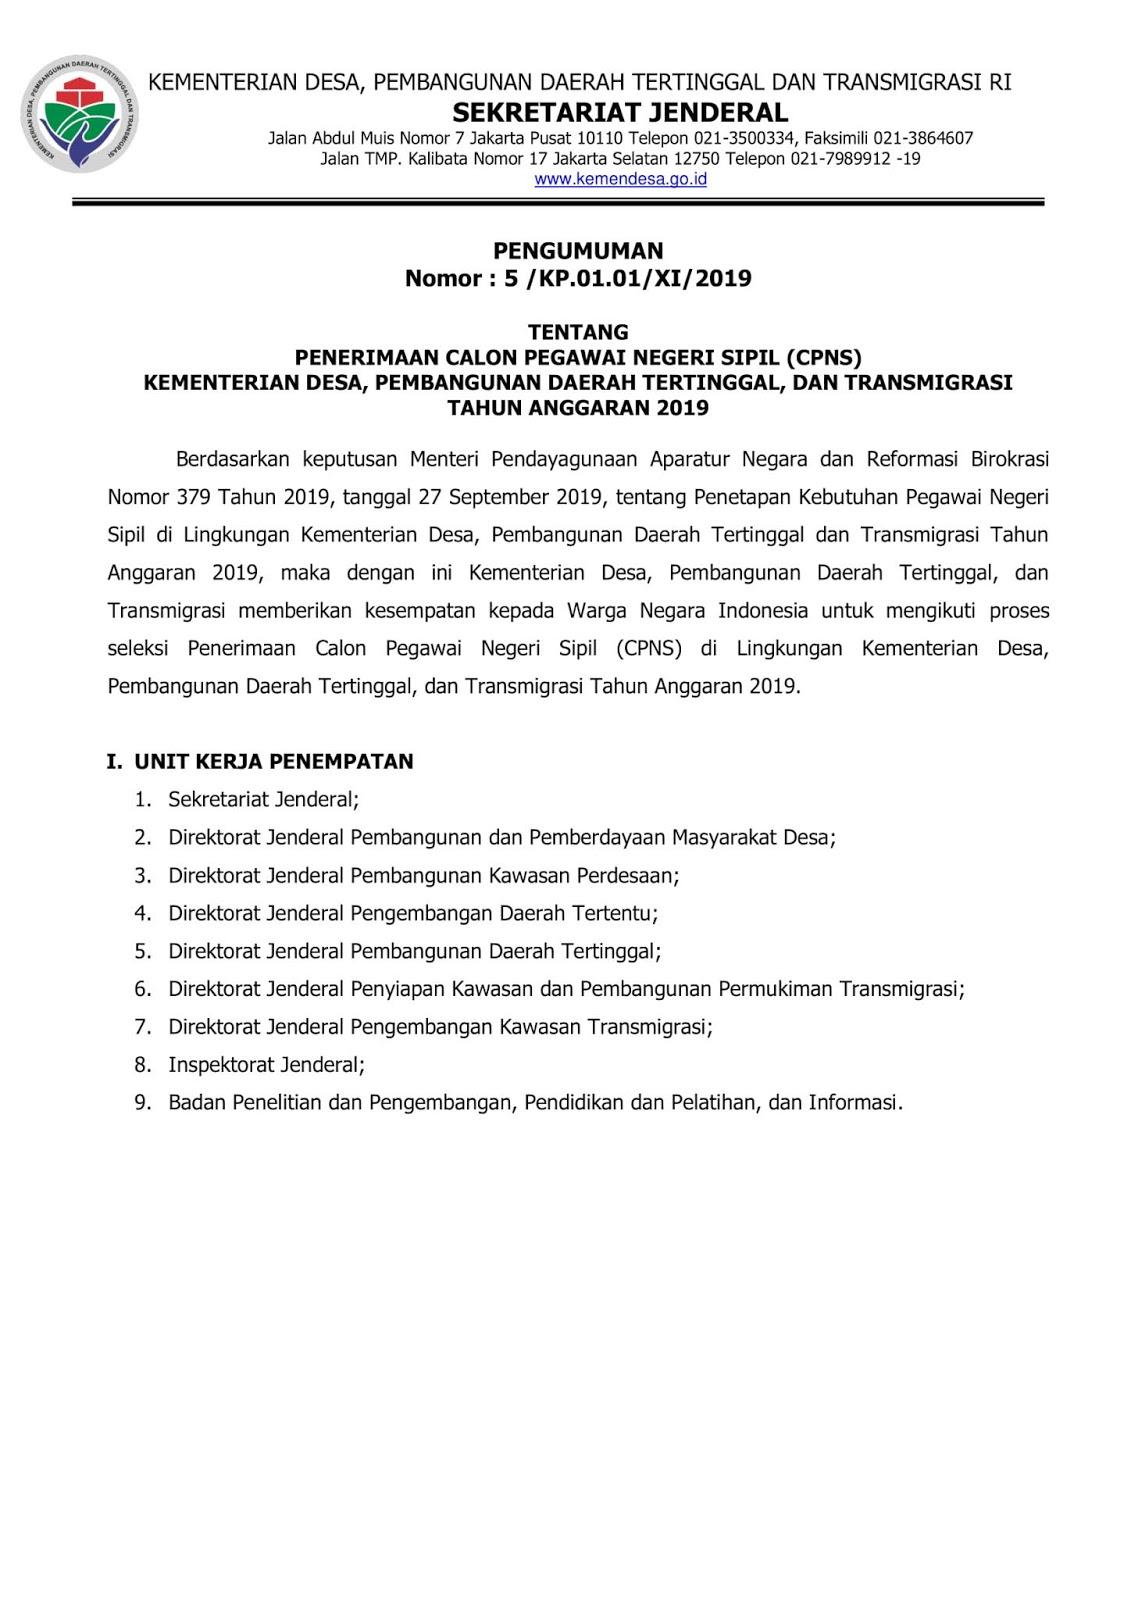 Lowongan CPNS Kementerian Desa, Pembangunan Daerah Tertinggal Dan Transmigrasi Republik Indonesia Tahun Anggaran 2019 [230 Formasi]